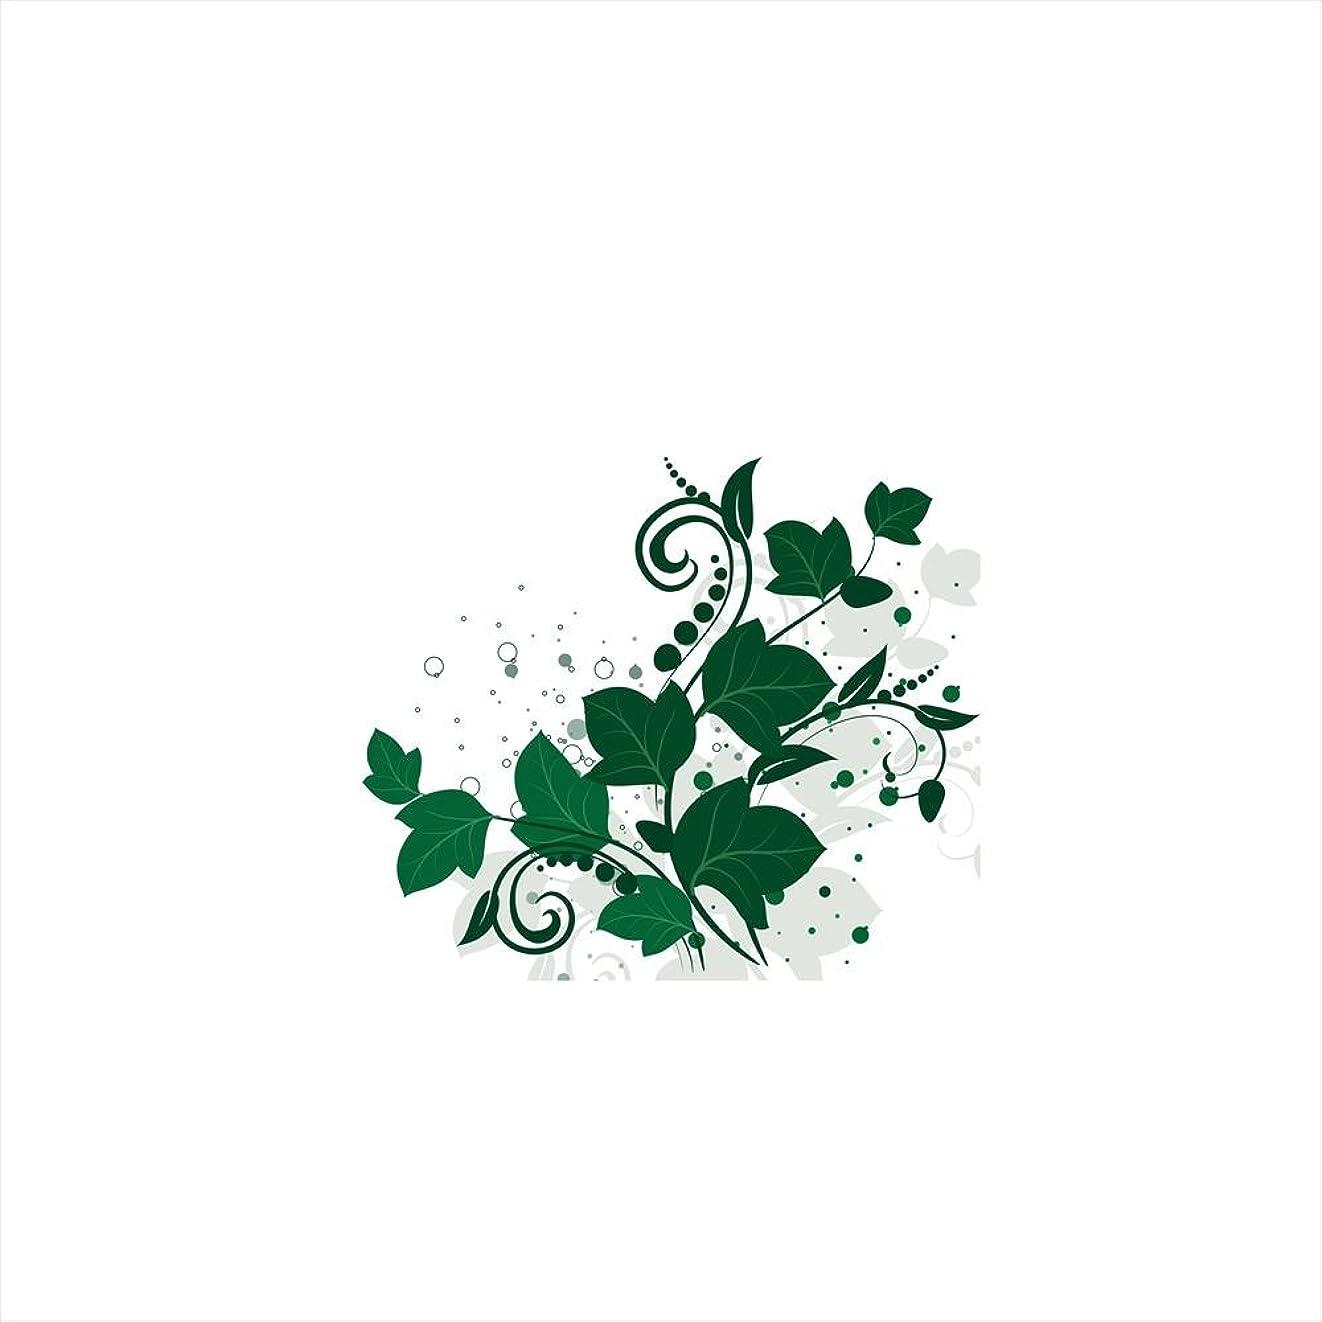 粘土スナック海嶺ウォールステッカー 飾り 60×60cm シール式 装飾 おしゃれ 壁紙 はがせる 剥がせる カッティングシート wall sticker 雑貨 ガラス 窓 DIY プチリフォーム パーティー イベント 賃貸 花 植物 緑 009128